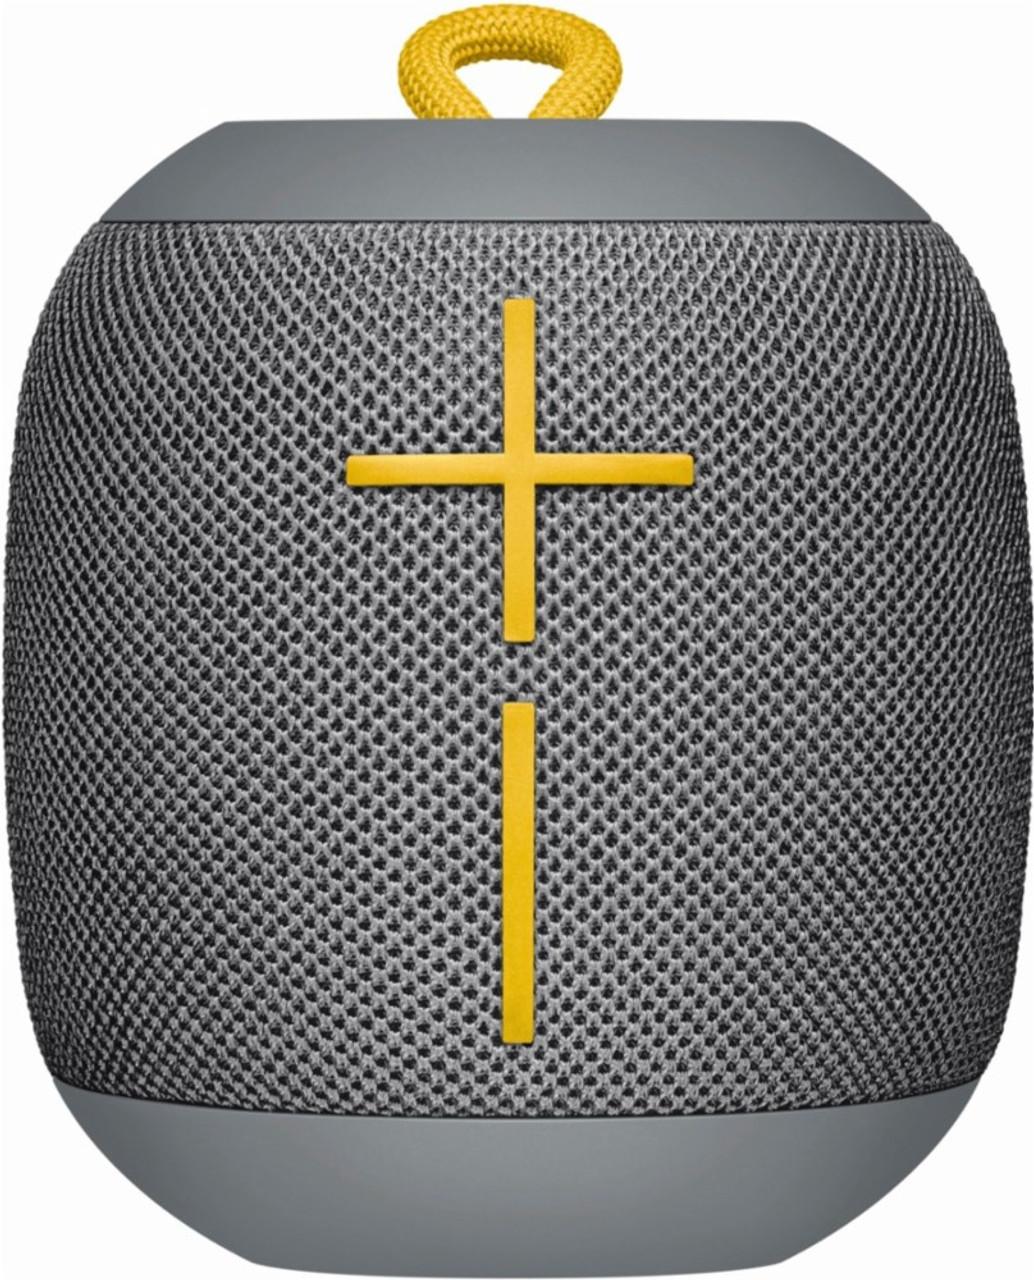 UE WONDERBOOM 984-000844 Portable Waterproof Bluetooth Speaker, Stone Gray Black - Refurbished